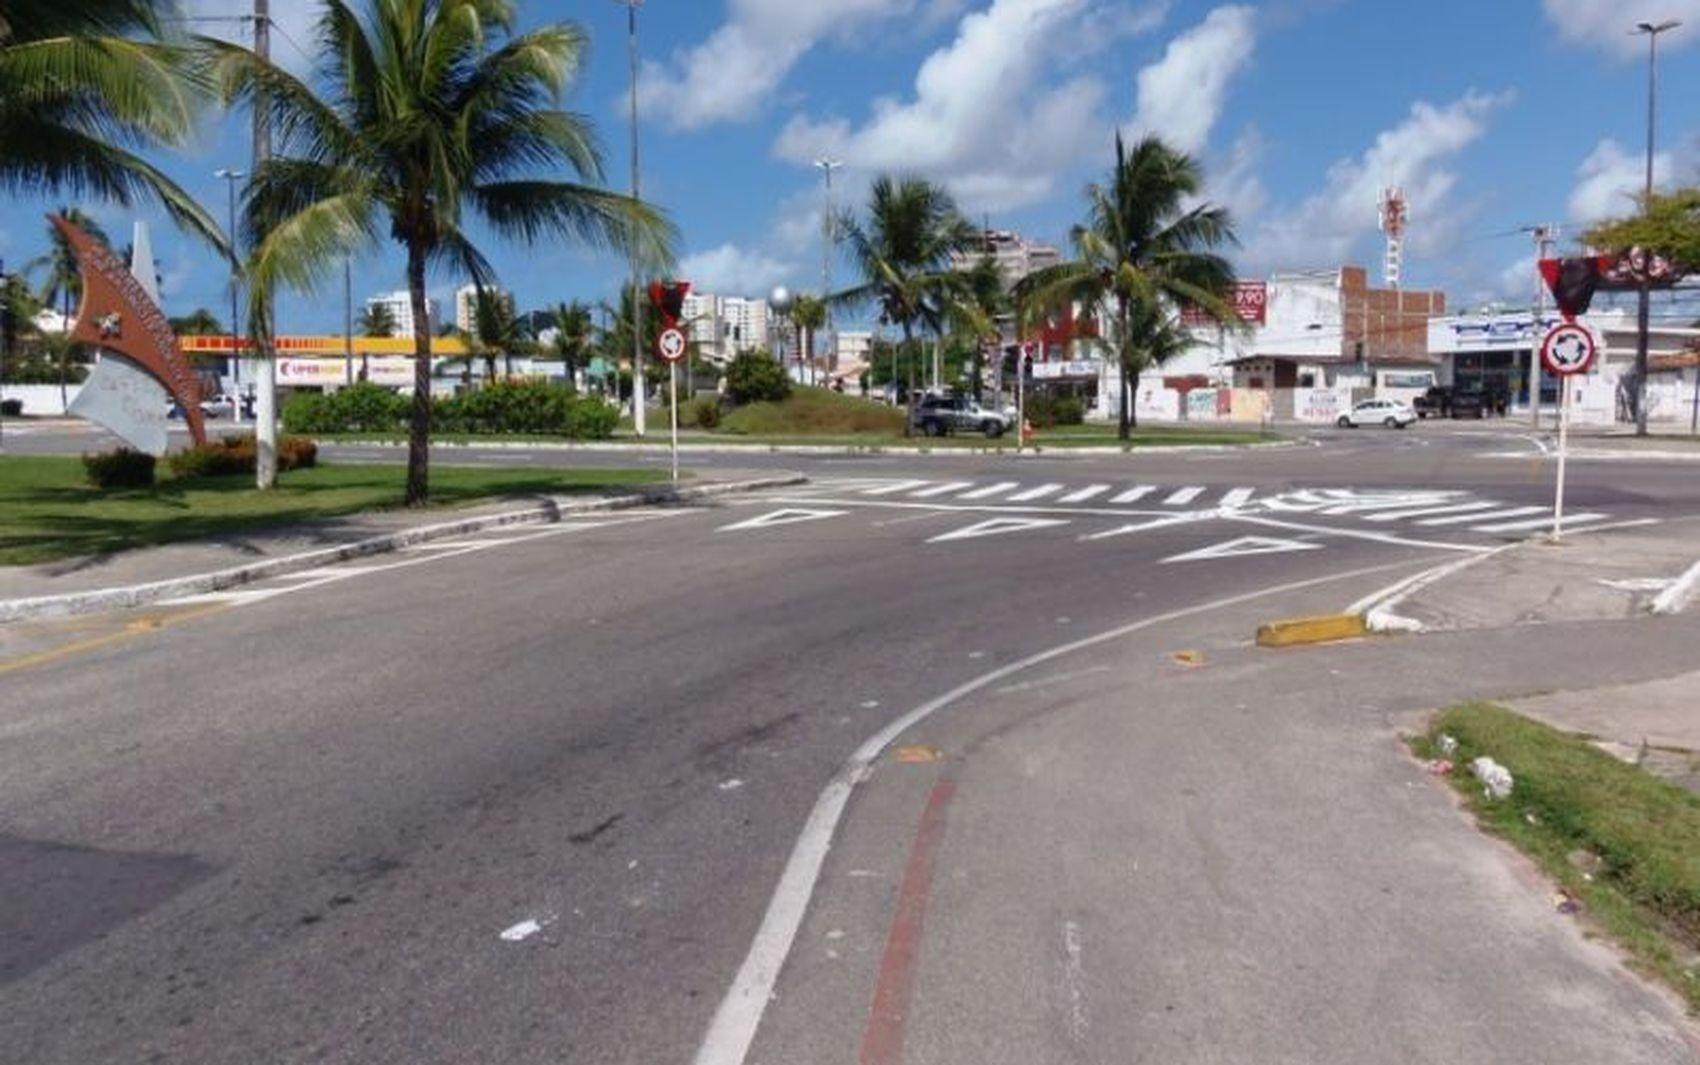 Trânsito será alterado nesta segunda-feira na Avenida Beira Mar, em Aracaju - Notícias - Plantão Diário